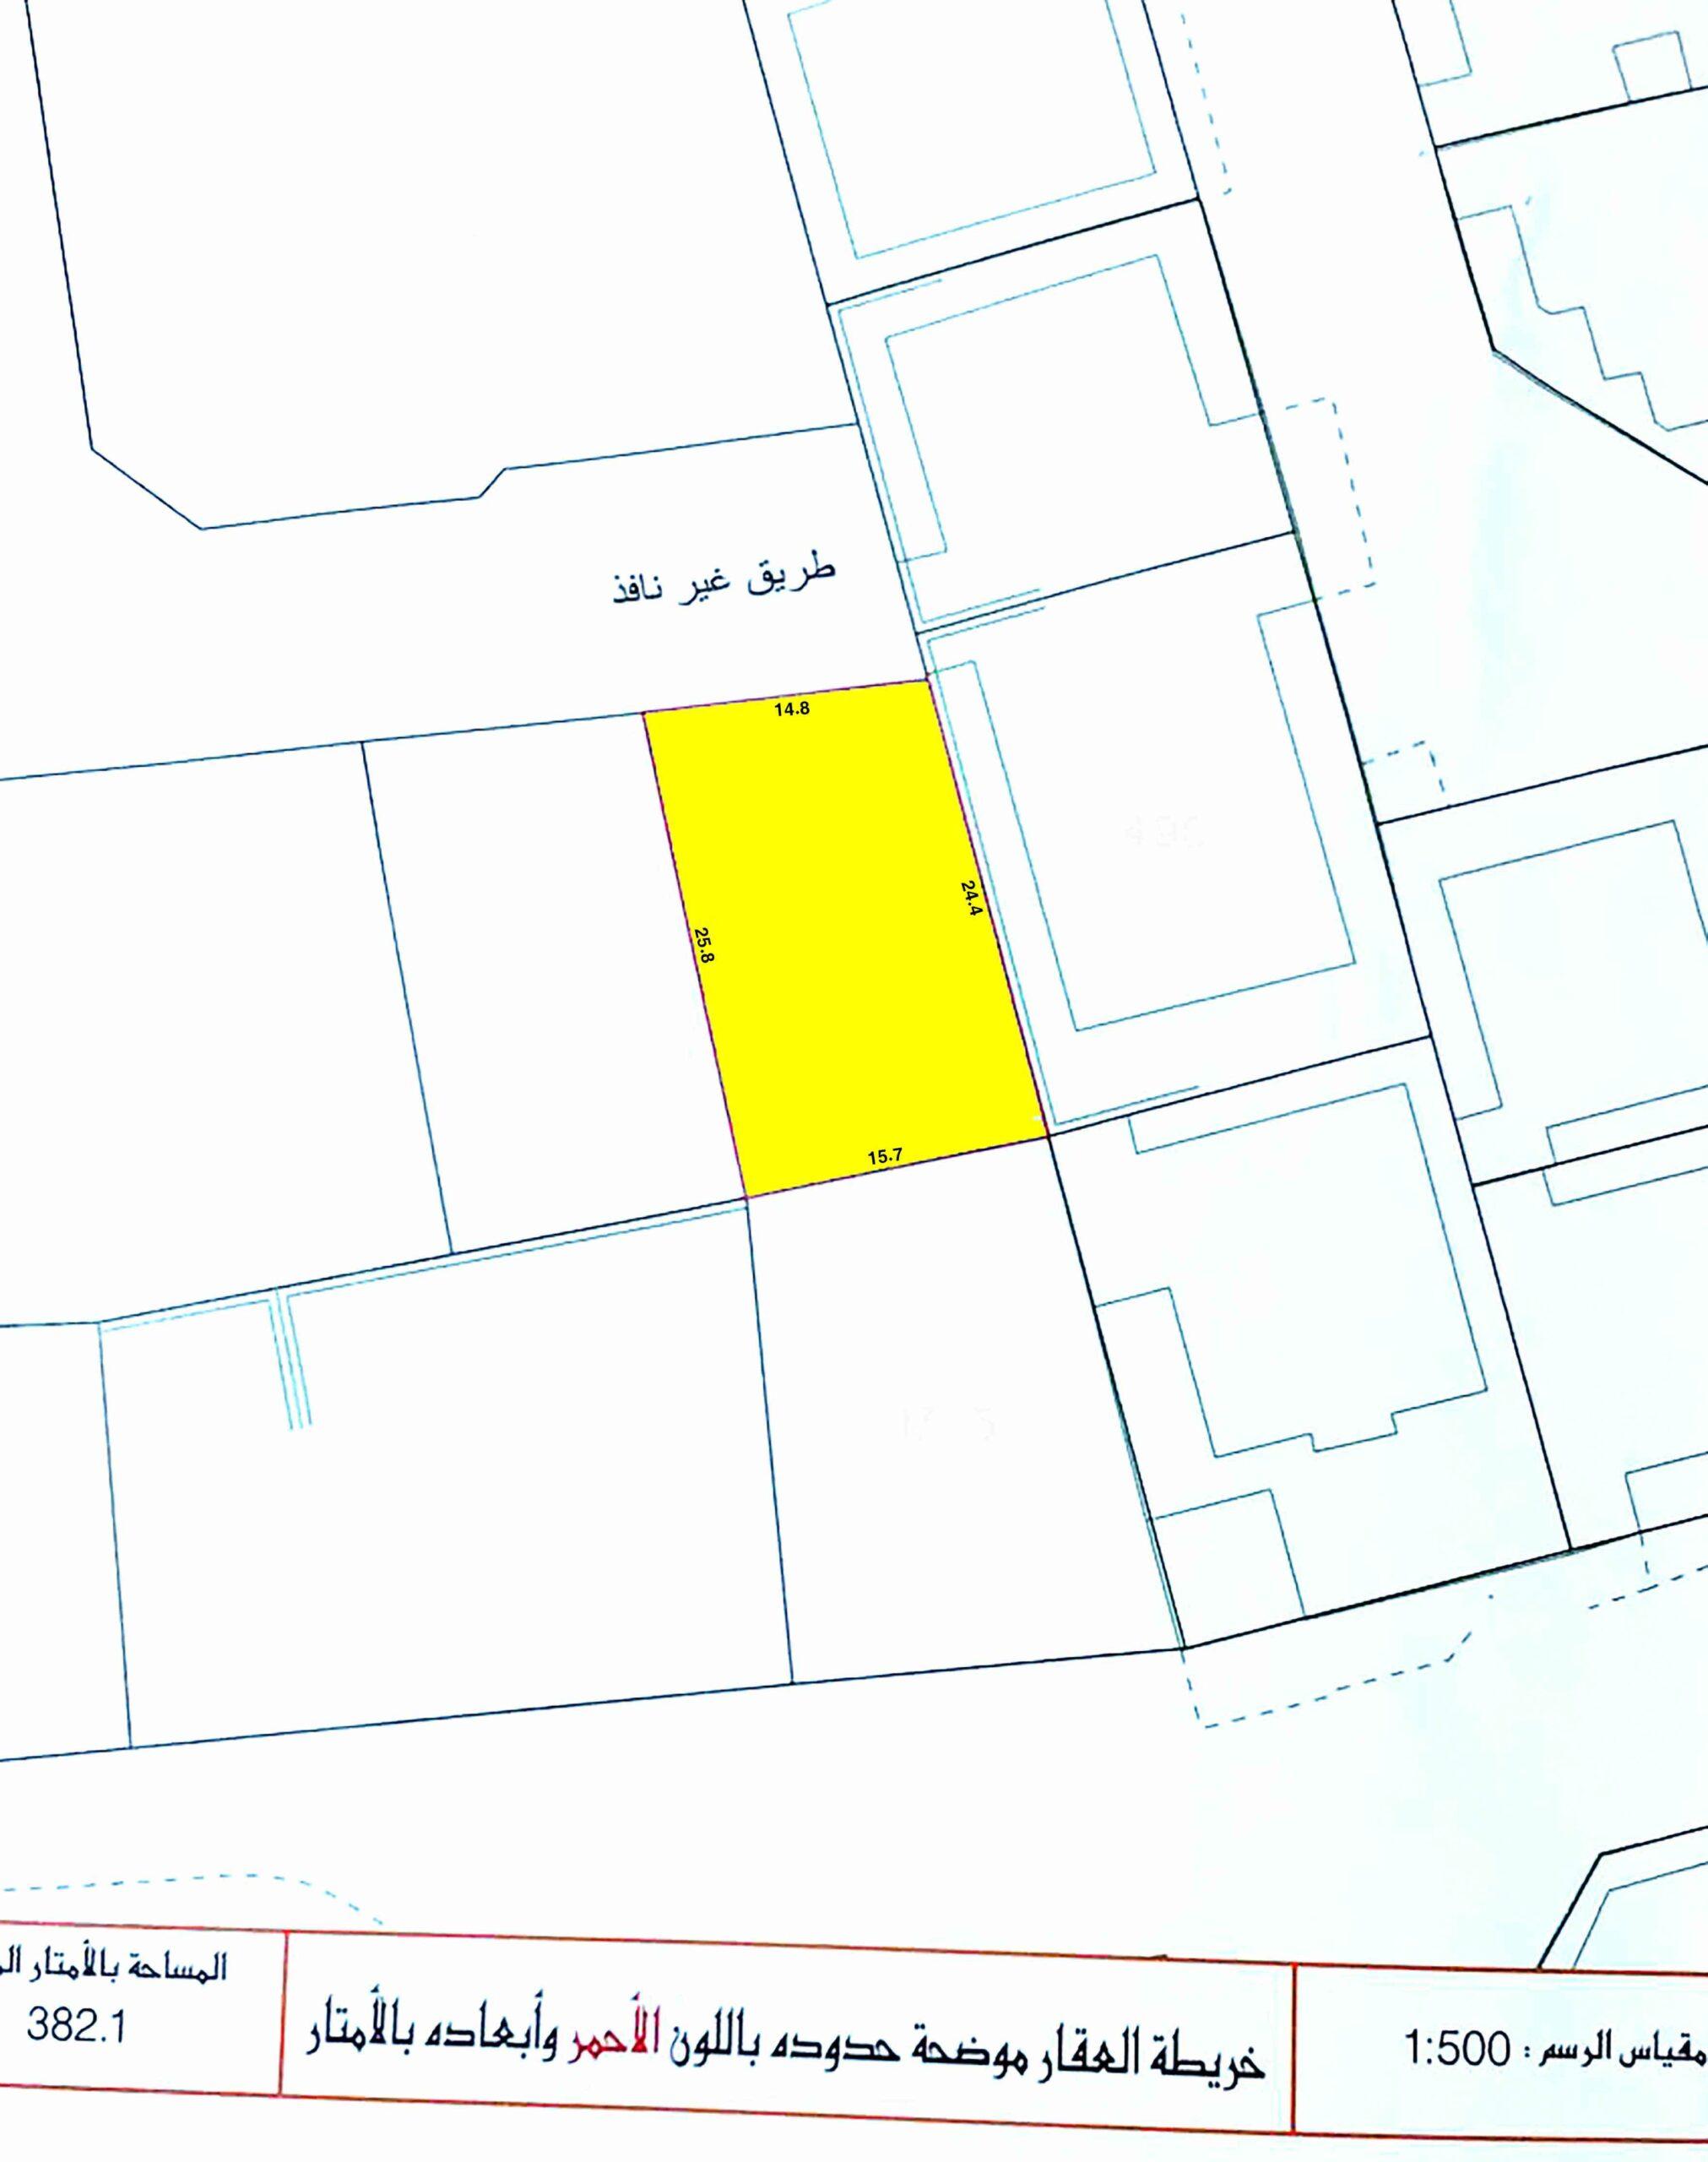 للبيع أرض سكني خاص ( ب ) بمنطقة توبلي، مساحة الارض  382.10متر مربع، مطلوبة بقيمة -/ 98,709 دينار وقابل للتفاوض